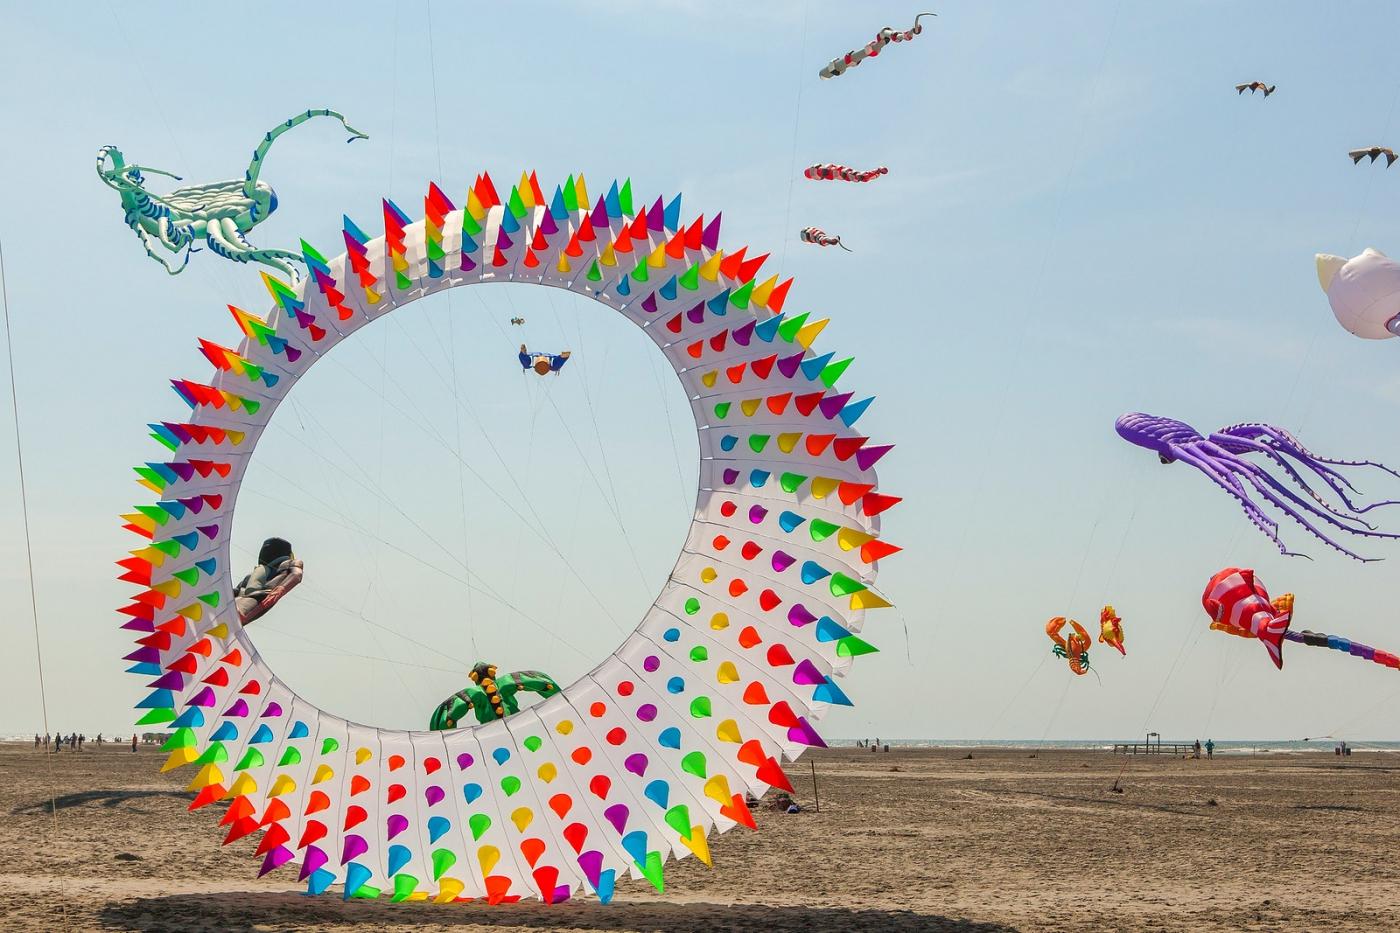 超大的风筝,真是少见_图1-5